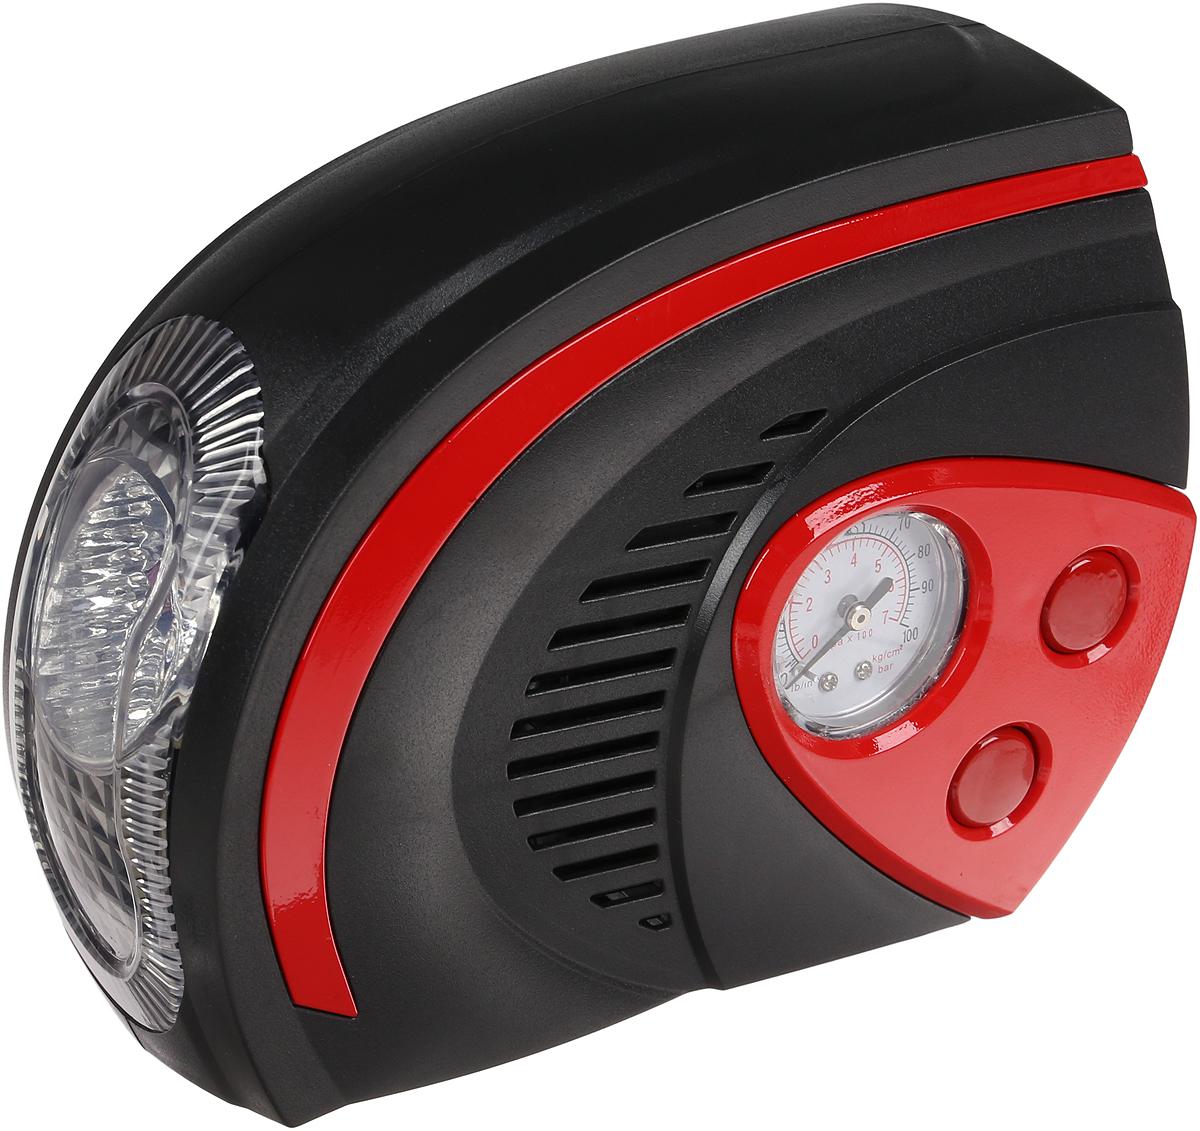 Автомобильный компрессор Nova Bright, 47161, до 25 л/мин, 100 PSI, 12В, LED-фонарь